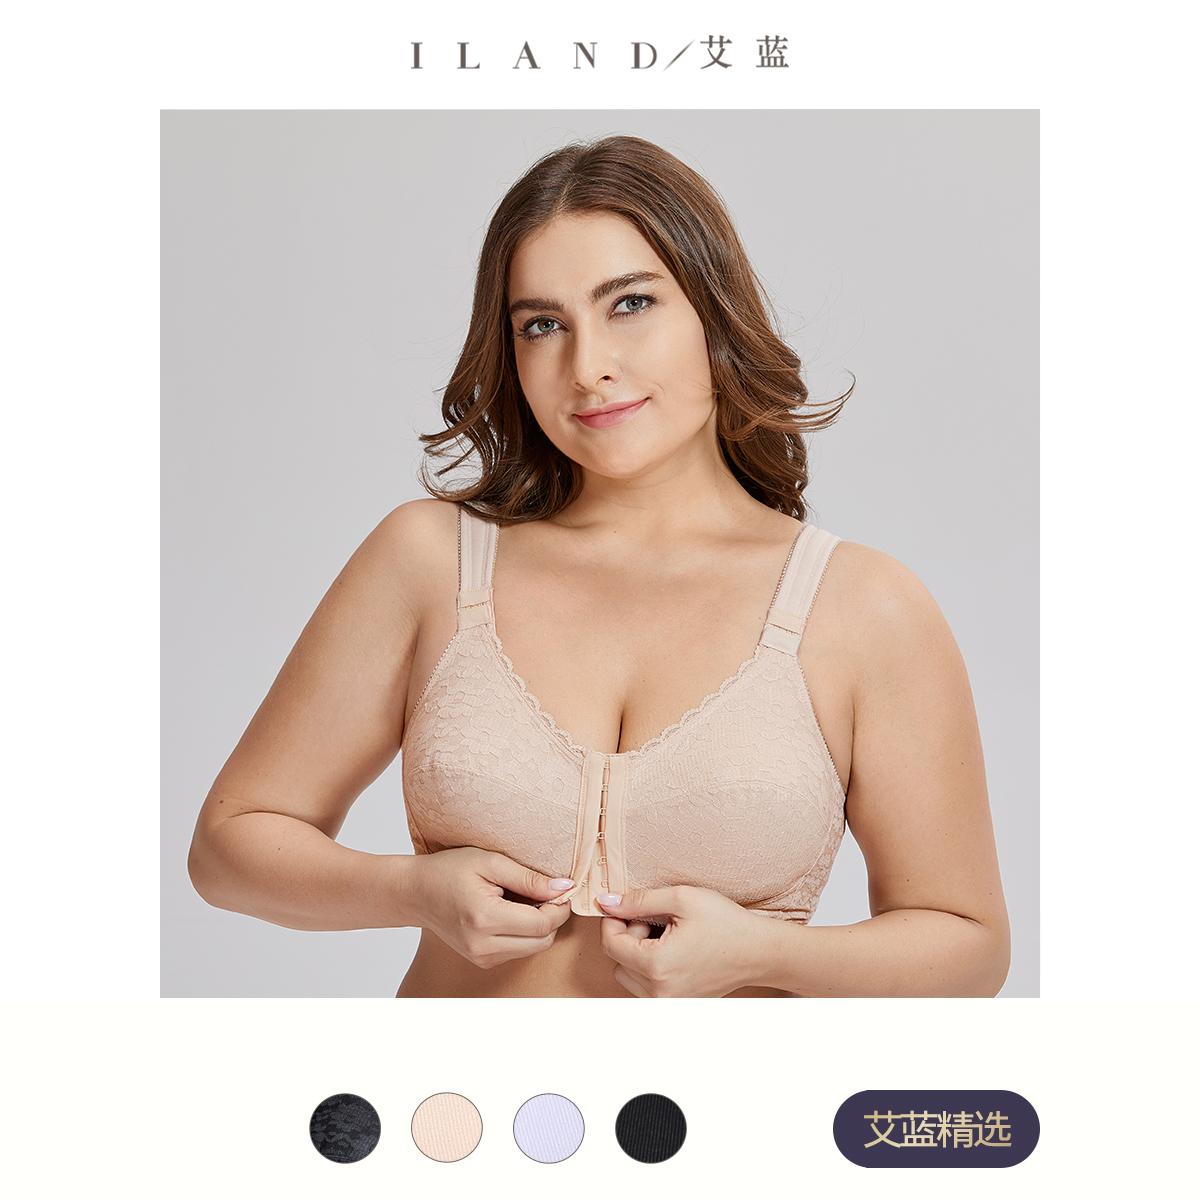 大码前扣文胸无钢圈大胸显小缩胸内衣超薄款调整型大罩杯胸罩胖mm